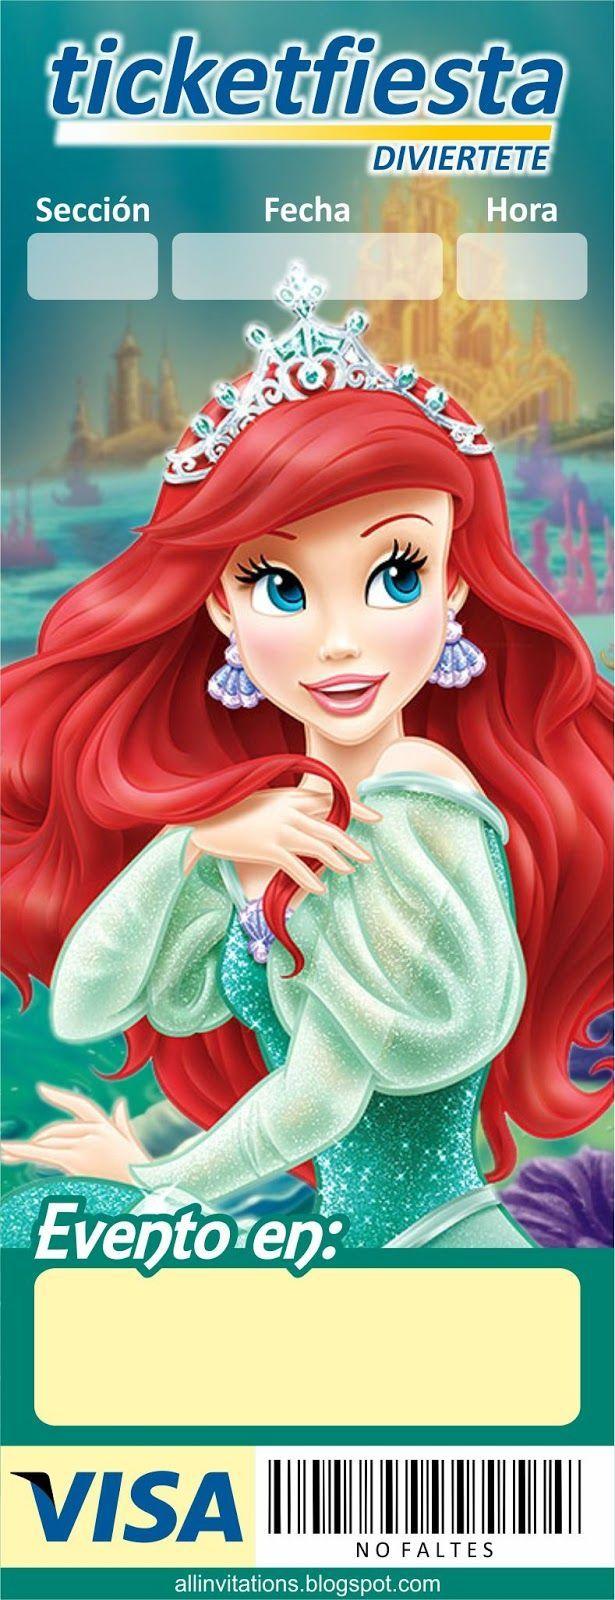 La película de La Sirenita siempre me ha fascinado, desde que era niña cantaba sin parar. Y aunque hay muchos nuevos personajes, no ha cambiado mucho la preferencia por las niñas por su encanto a Ariel. Si tu hija es pequeña y tiene entre 3 a 6 años de edad,...